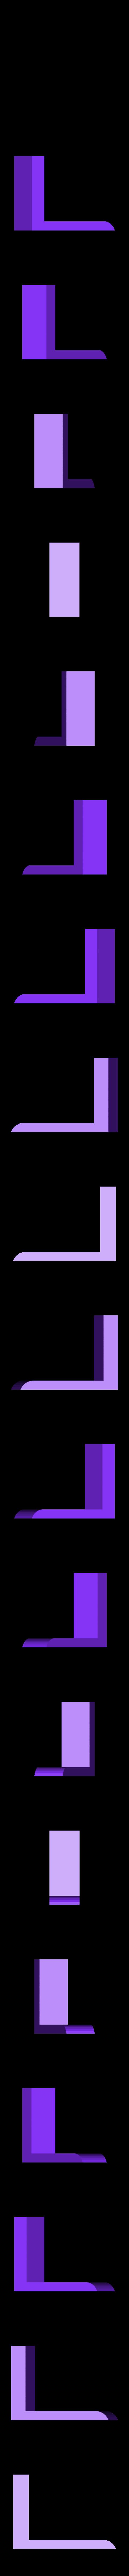 spong_holder_part3.stl Télécharger fichier STL gratuit à la planche pour l'éponge et les marqueurs • Plan à imprimer en 3D, mariospeed